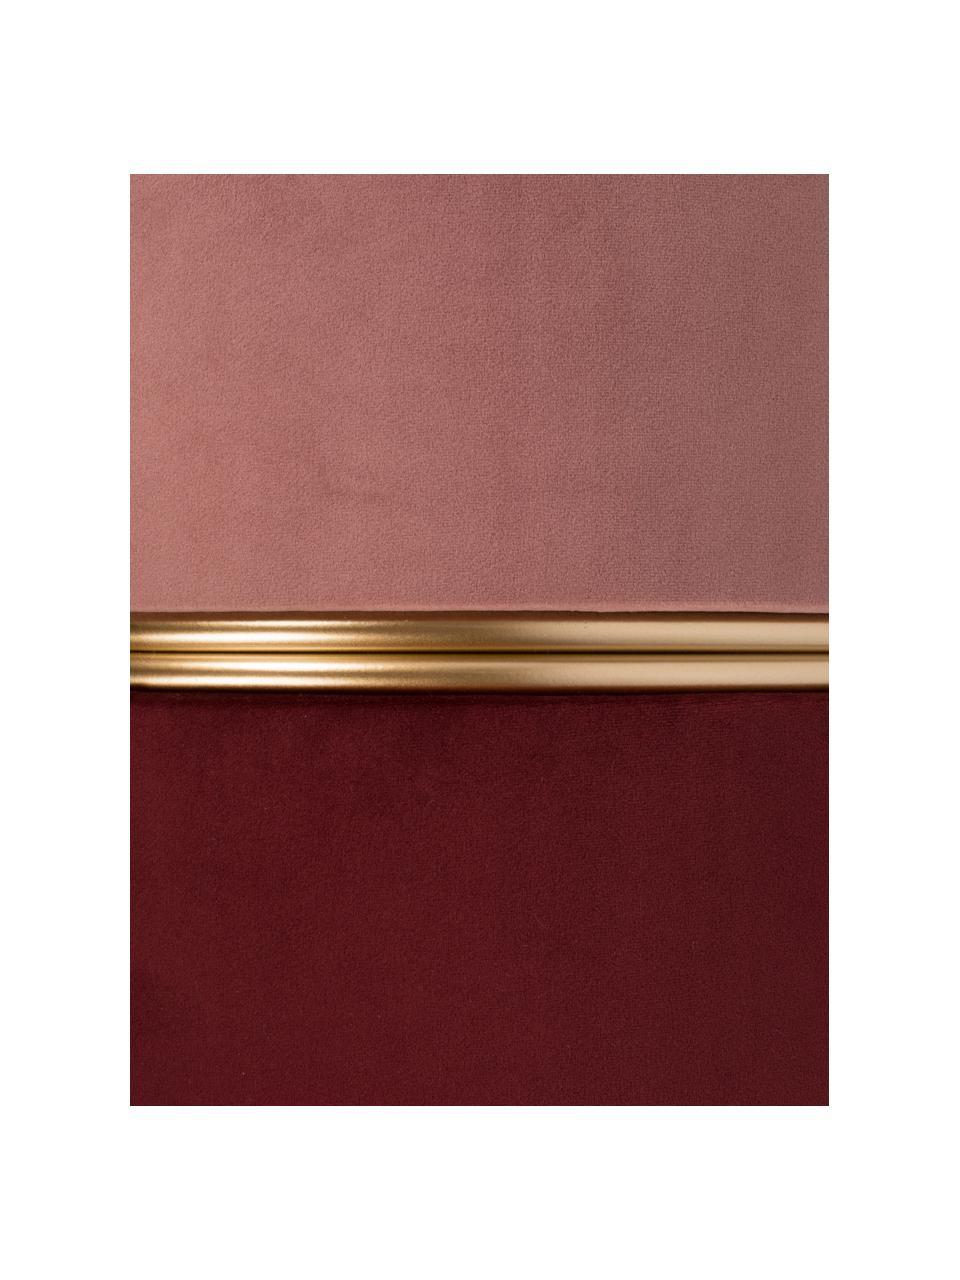 Samt-Hocker Bubbly, Bezug: Polyestersamt 20.000 Sche, Gestell: Mitteldichte Holzfaserpla, Rosa,Rubinrot, Ø 35 x H 39 cm